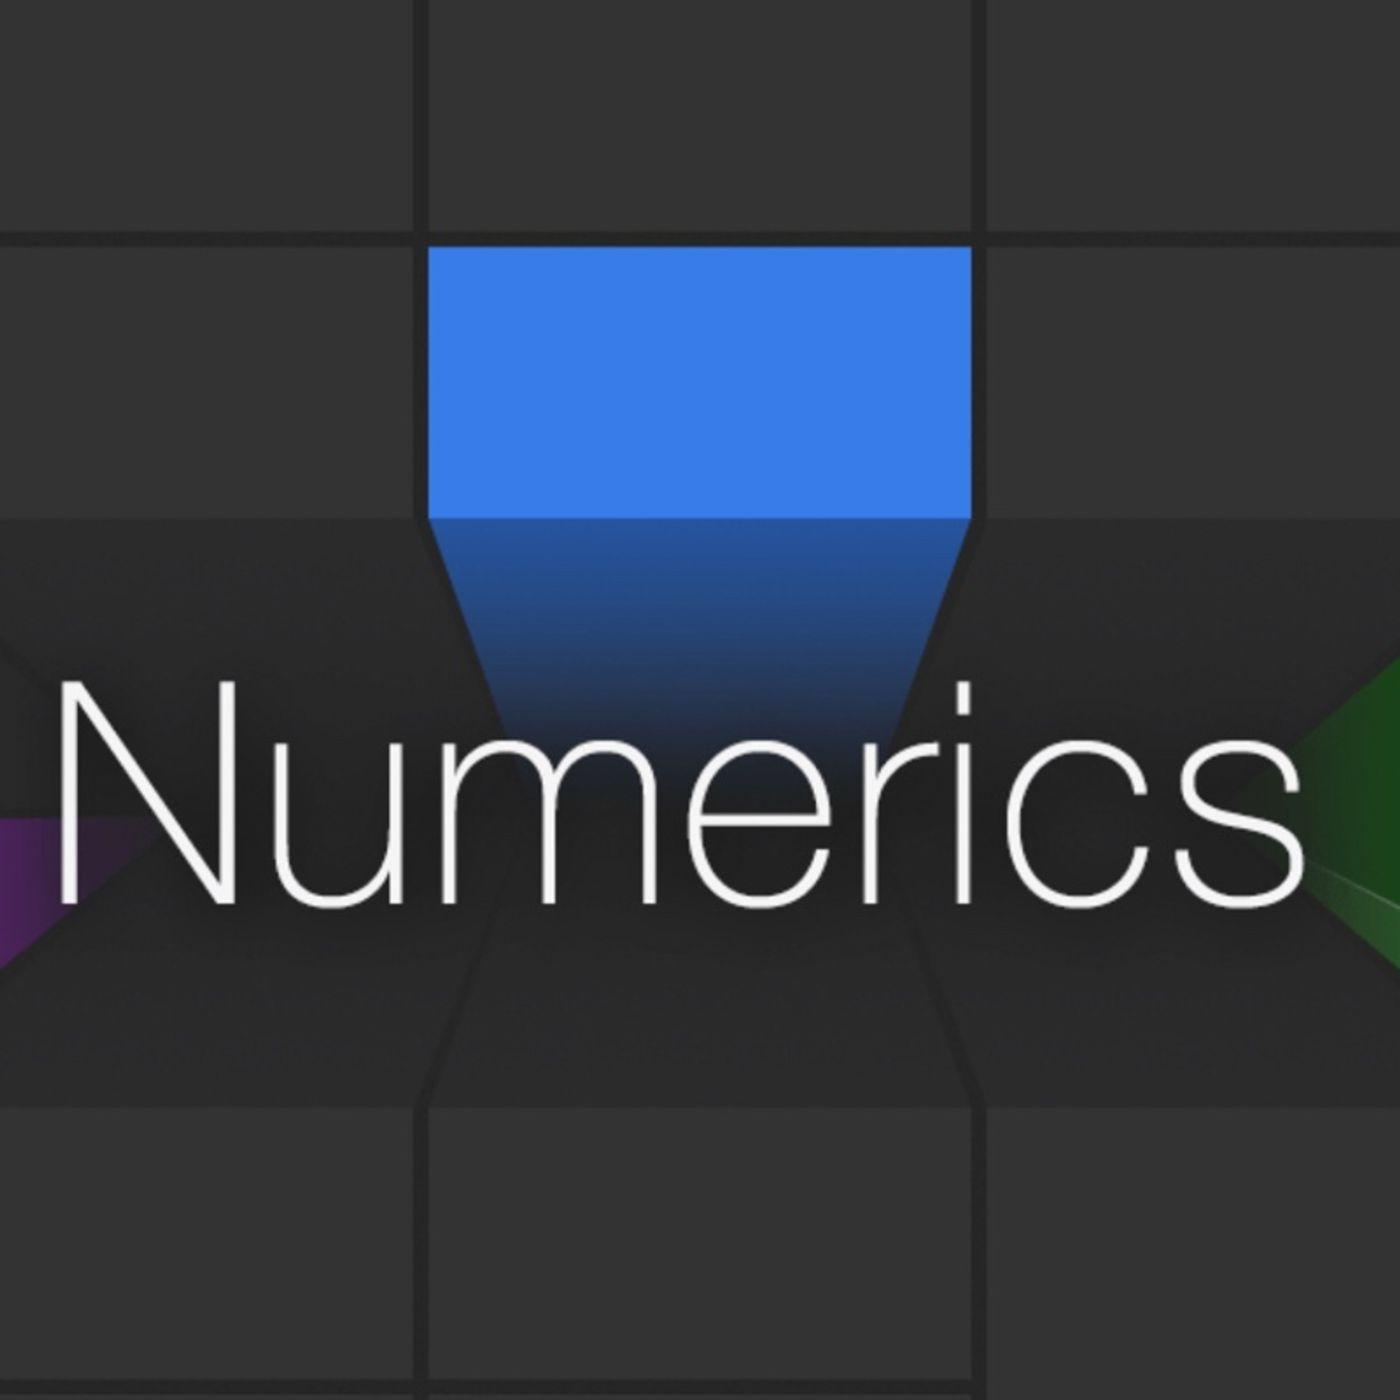 Hablemos de números (numerics app)